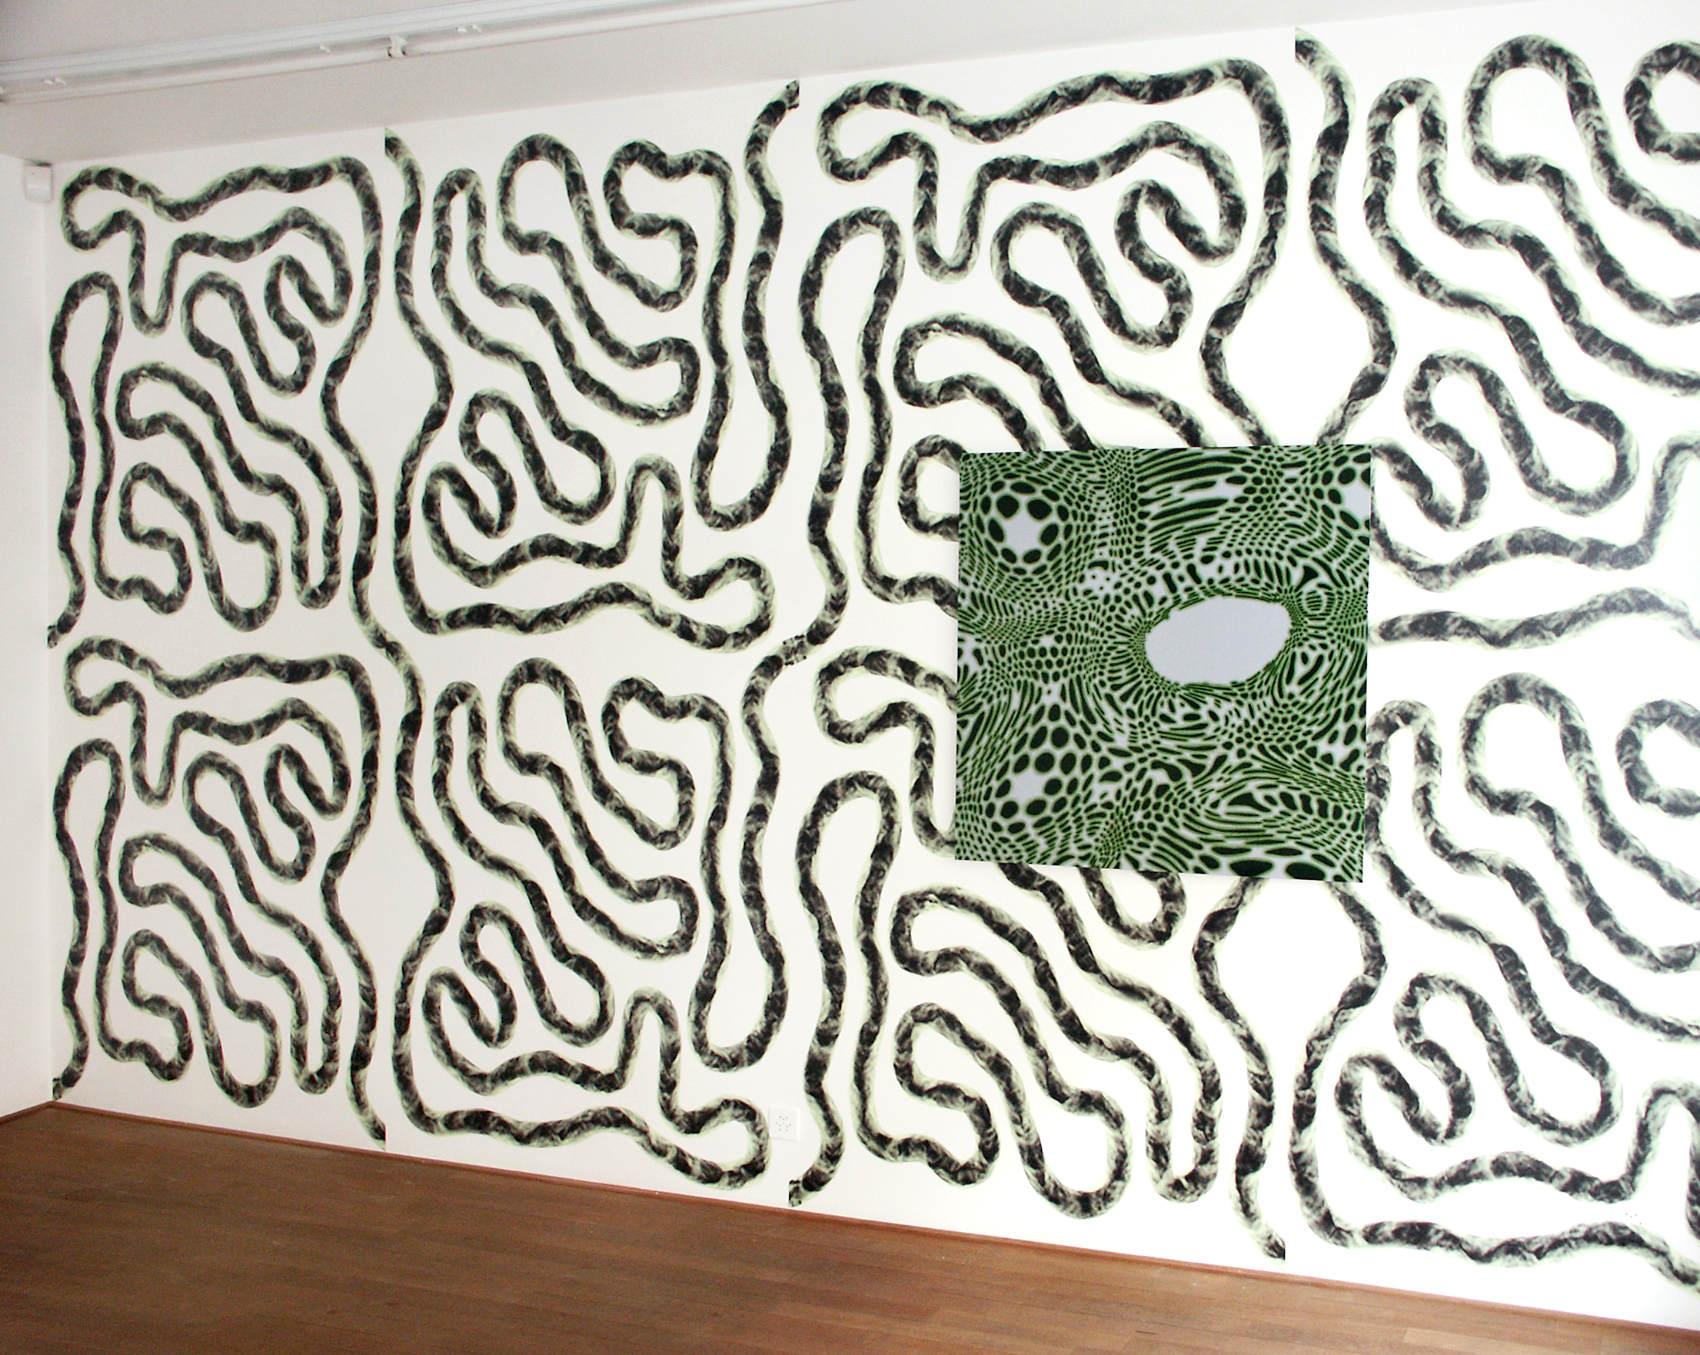 Installation Galerie Blancpain Stepczinski, 2004